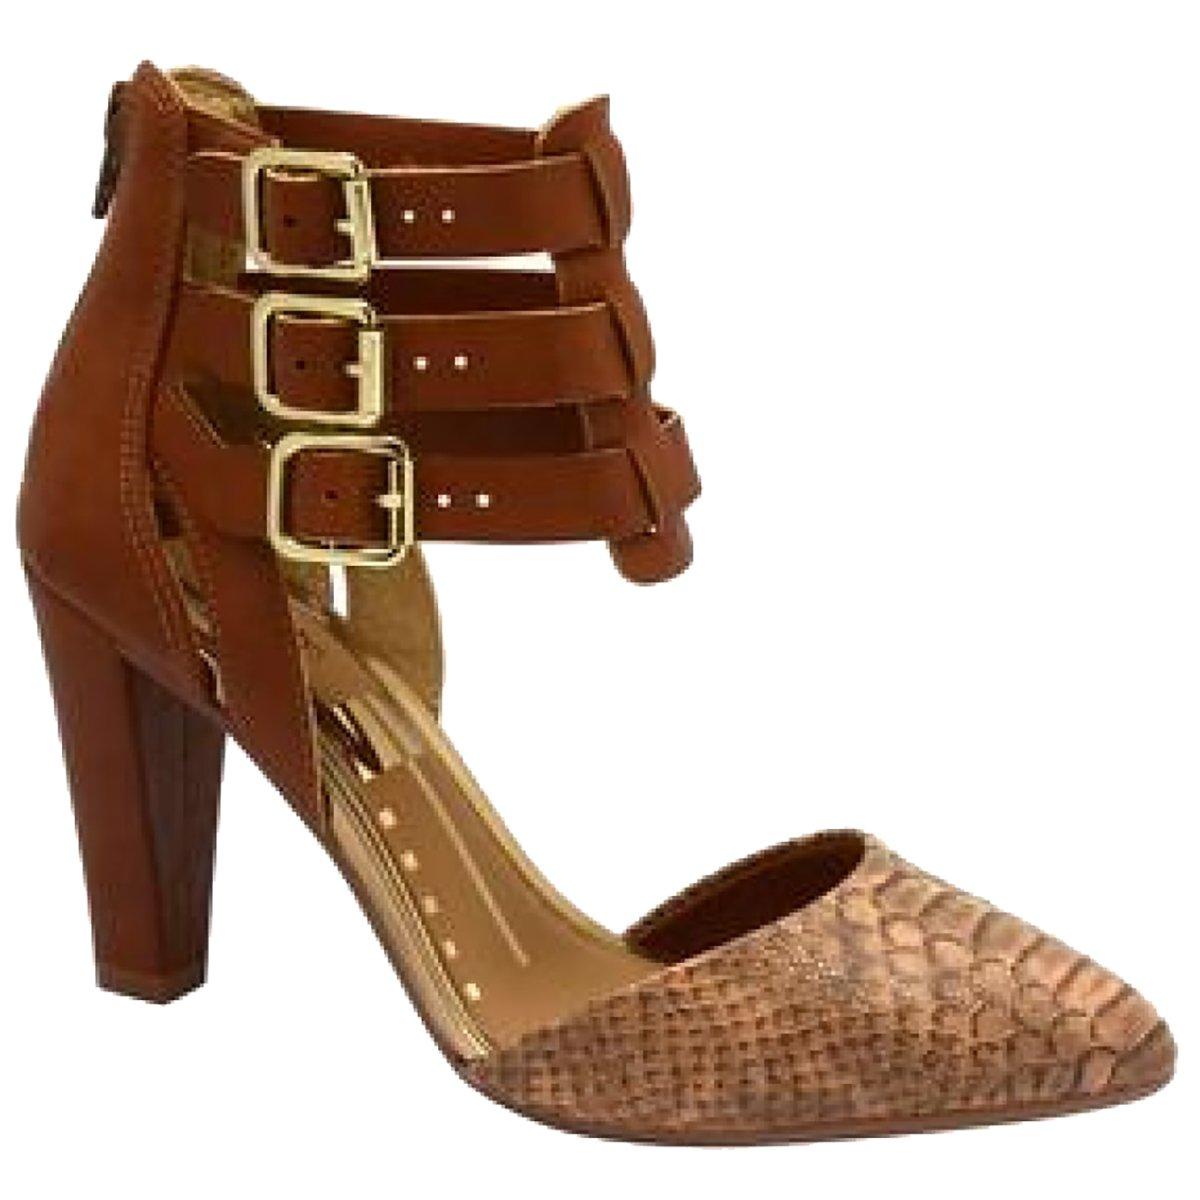 bf6c4e8ff Sapato Scarpin Dakota Velivar Castanho - Compre Agora |Cabana Magazine